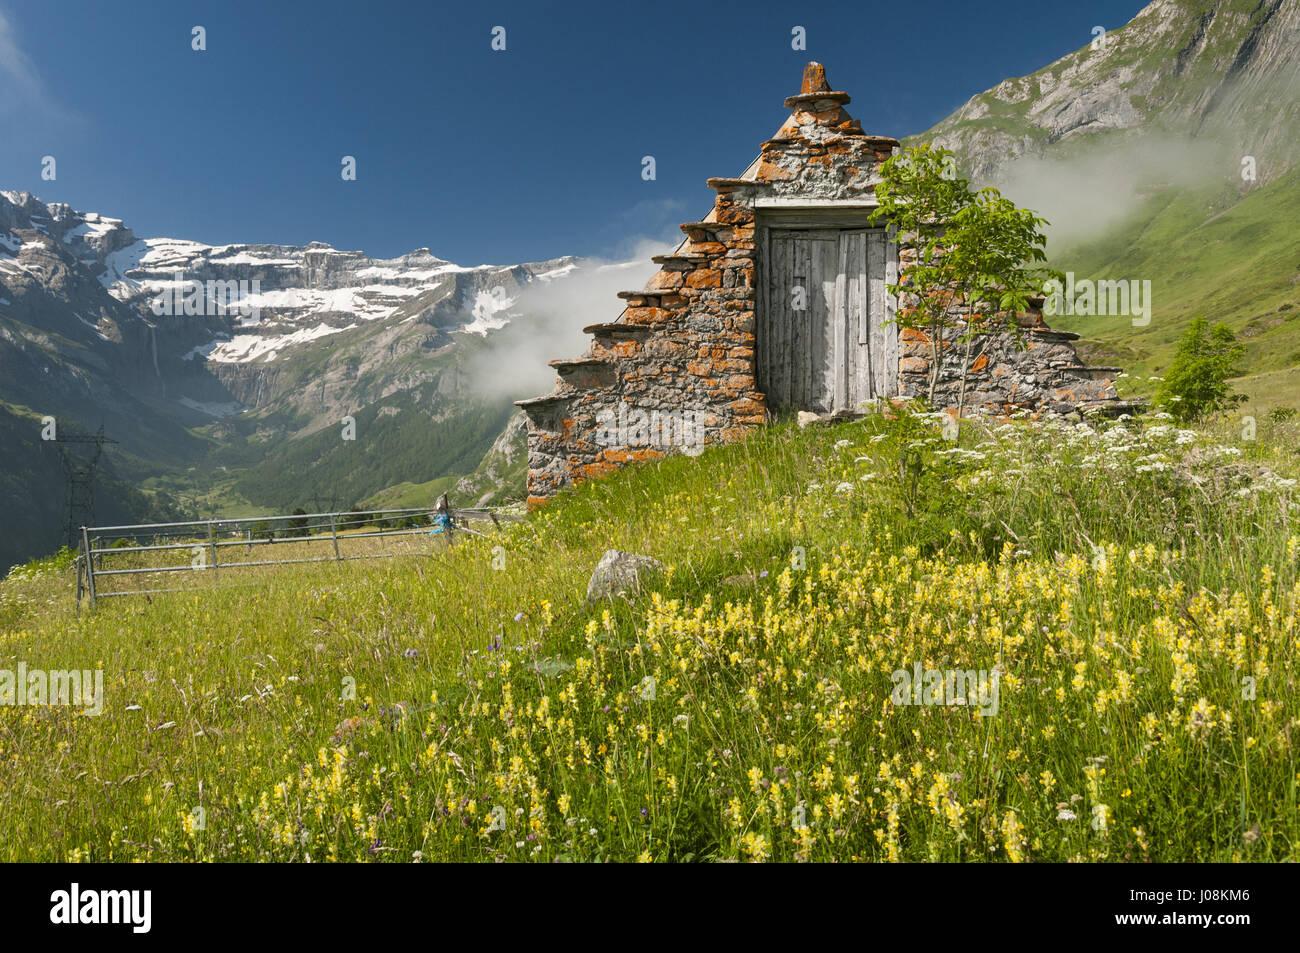 Frankreich, Pyrenäen, Saugue Plateau, Auenlandschaft mit Cirque de Gavarnie und Bauernhaus Stockbild